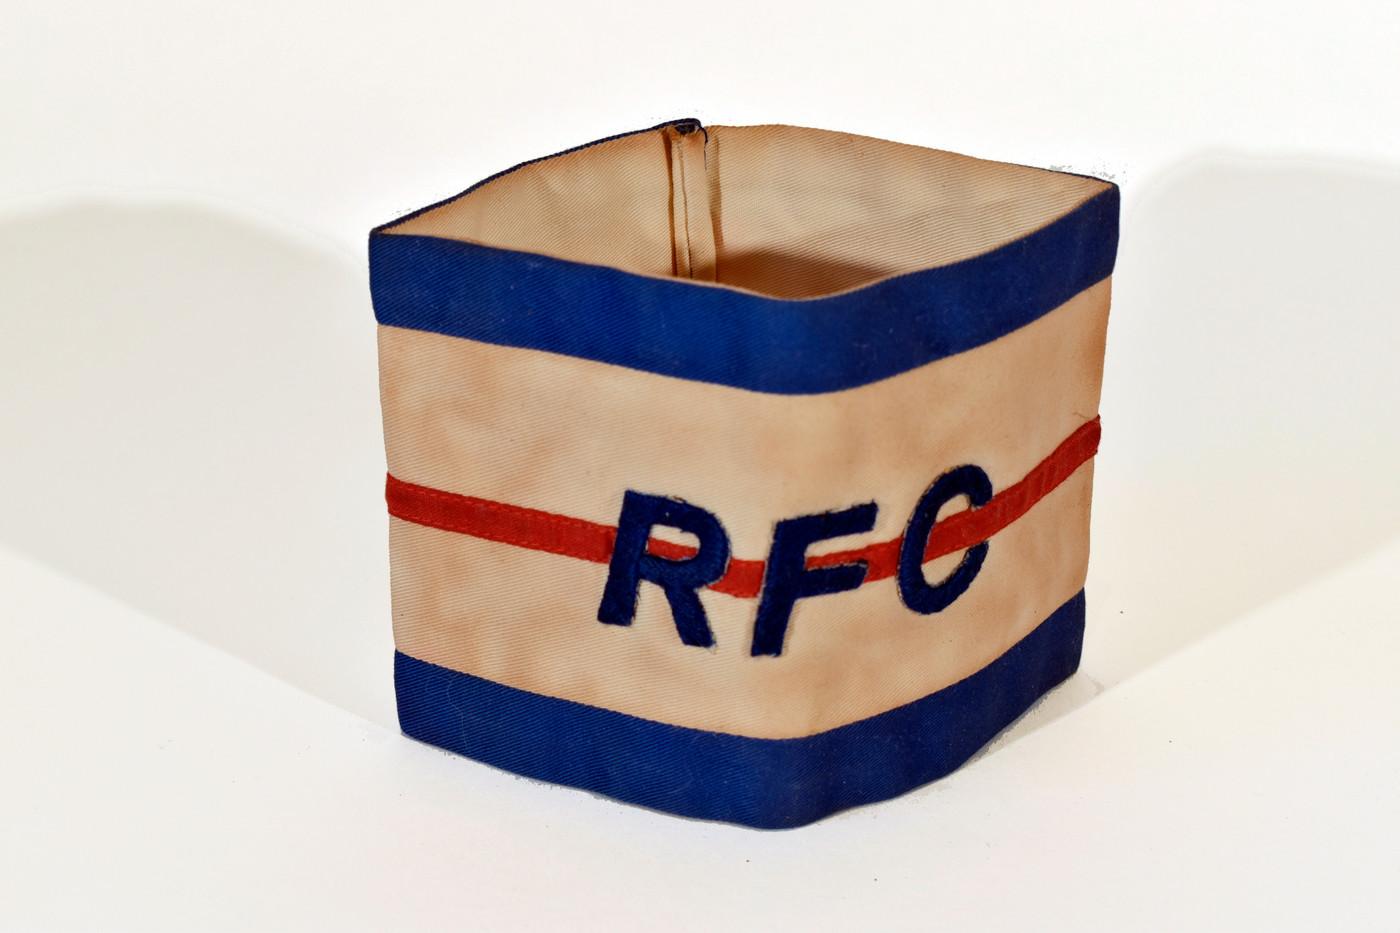 rfc armband a.jpg